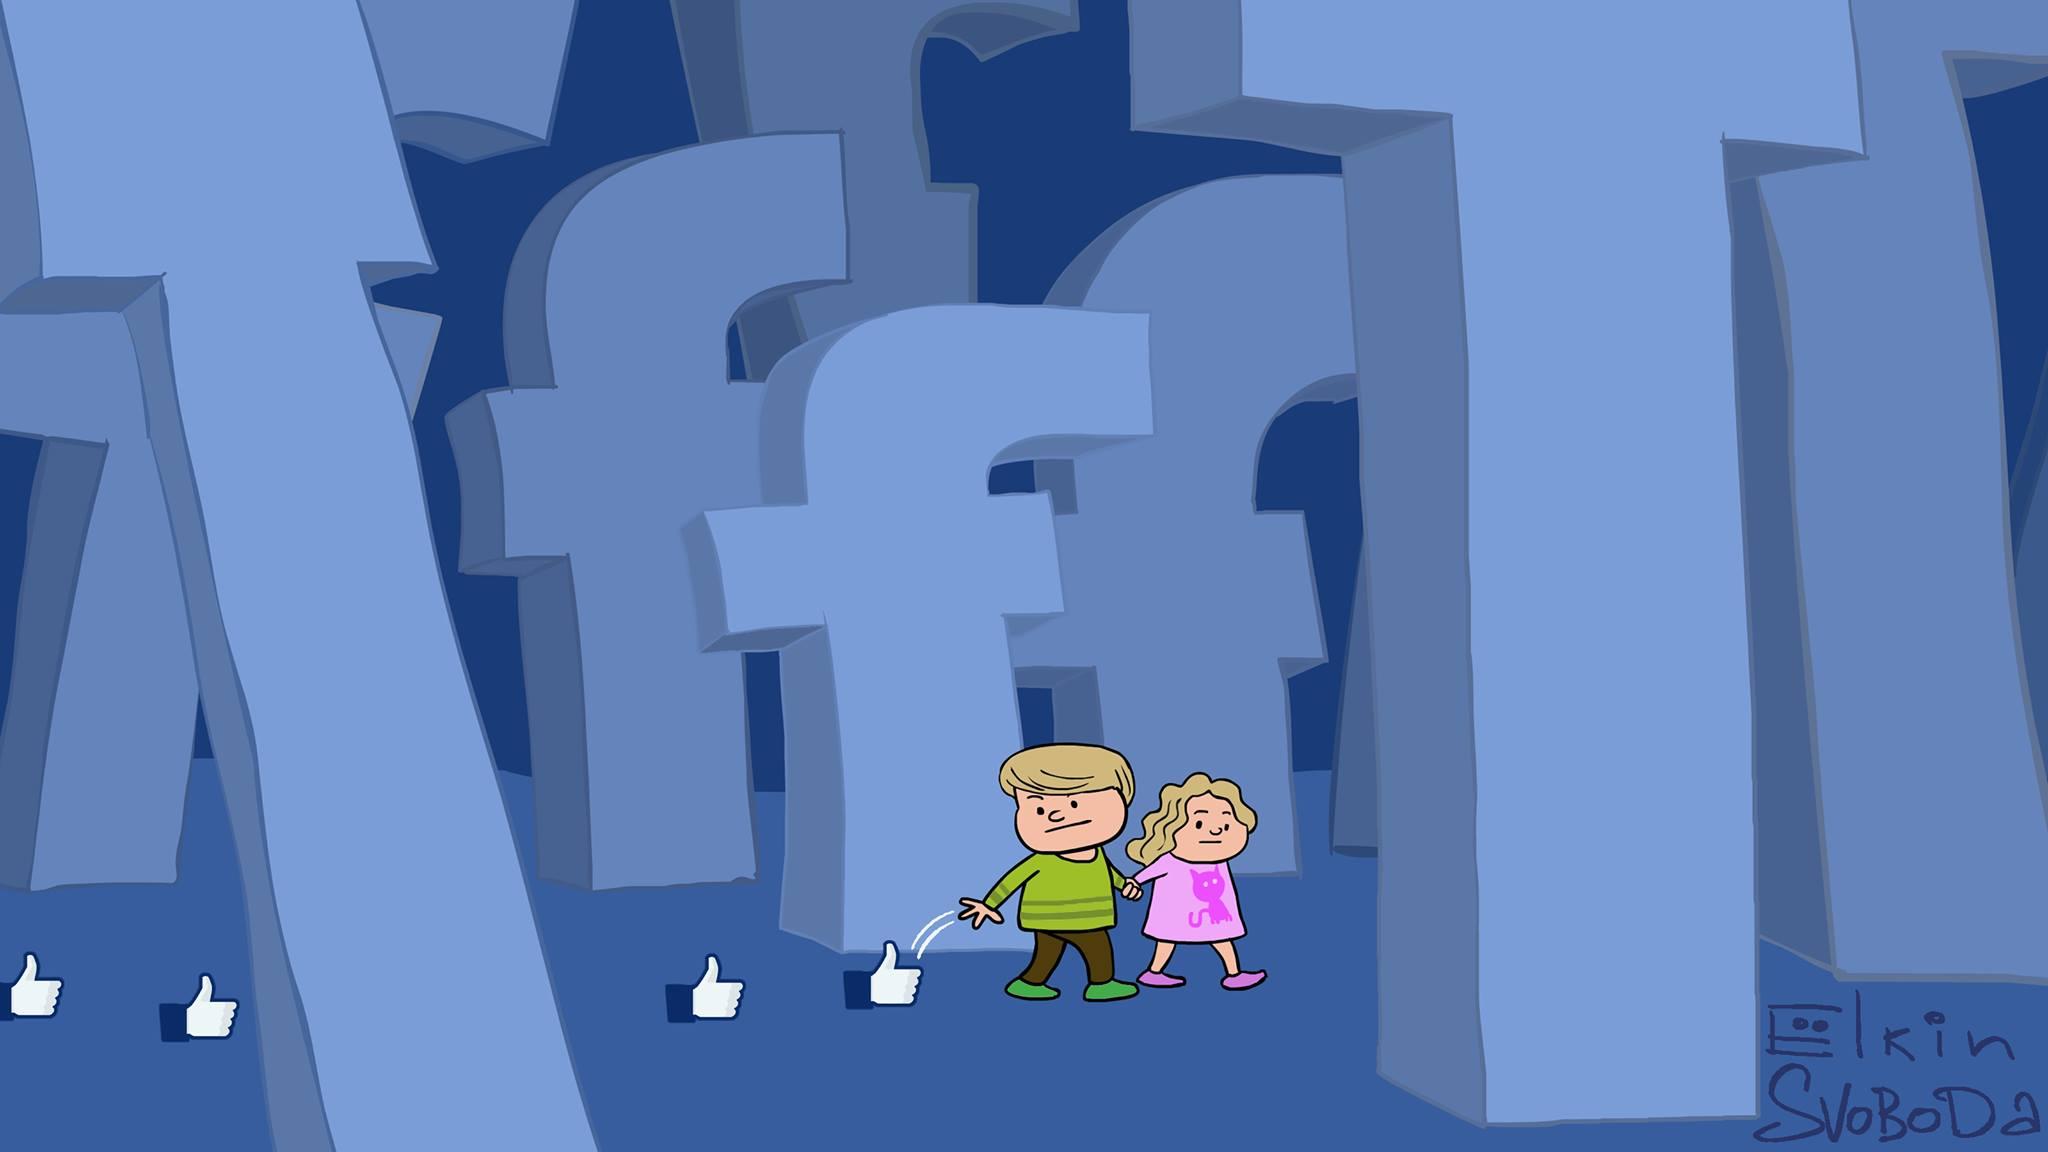 Топ-100 популярных пользователей фейсбука, пишущих на русском языке, на 1 мая 2017 г.